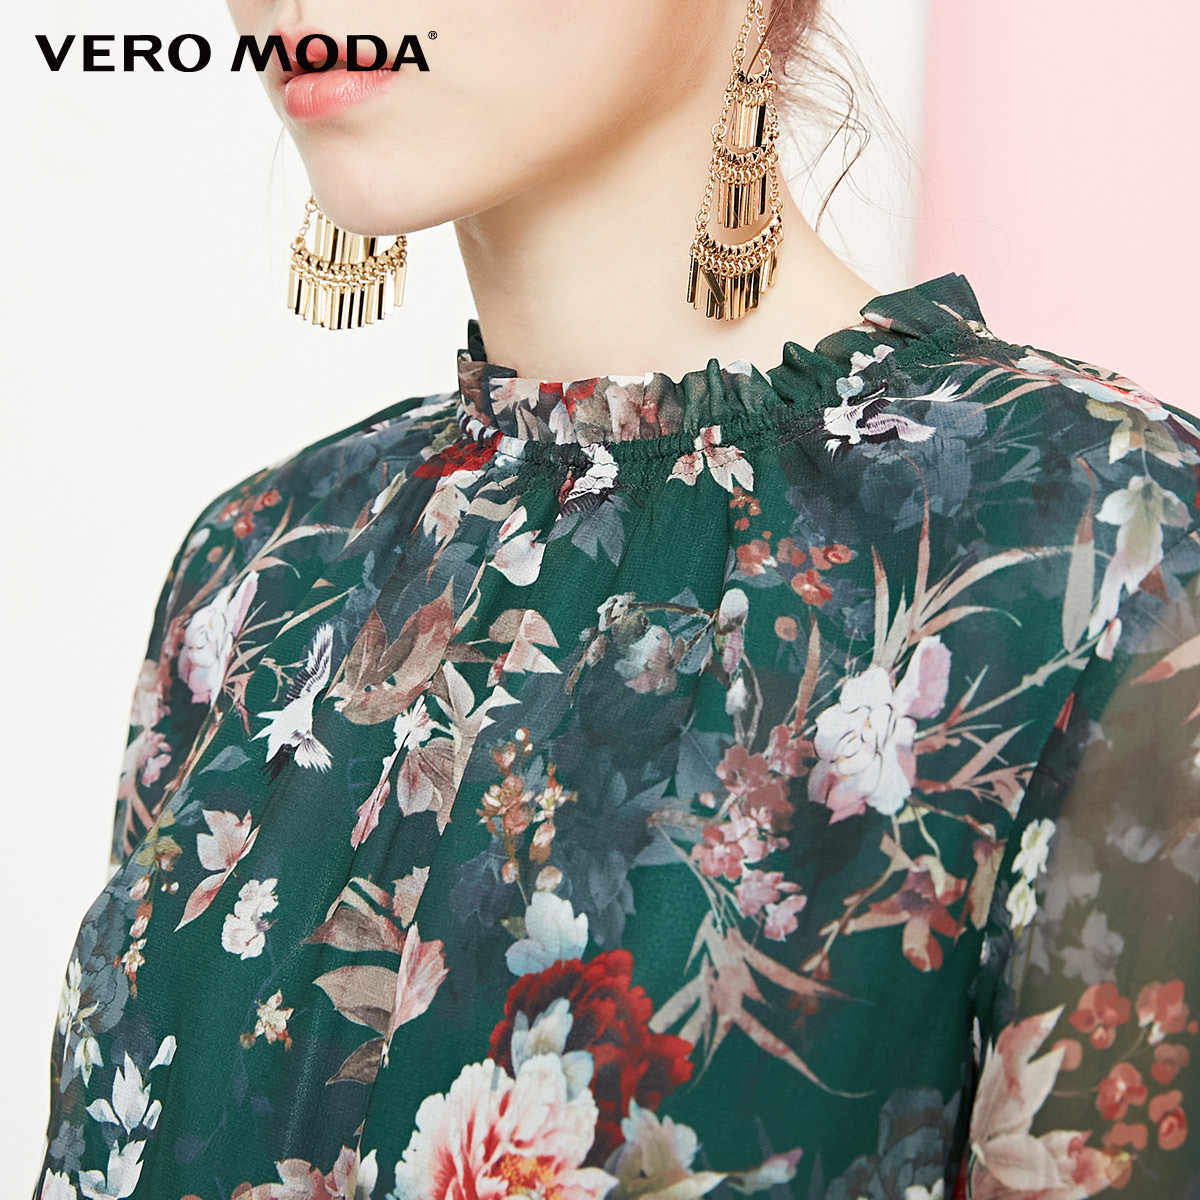 Vero Moda 2019 новый стиль суд Раффлед печатных ткань цветочные платье | 31837D501